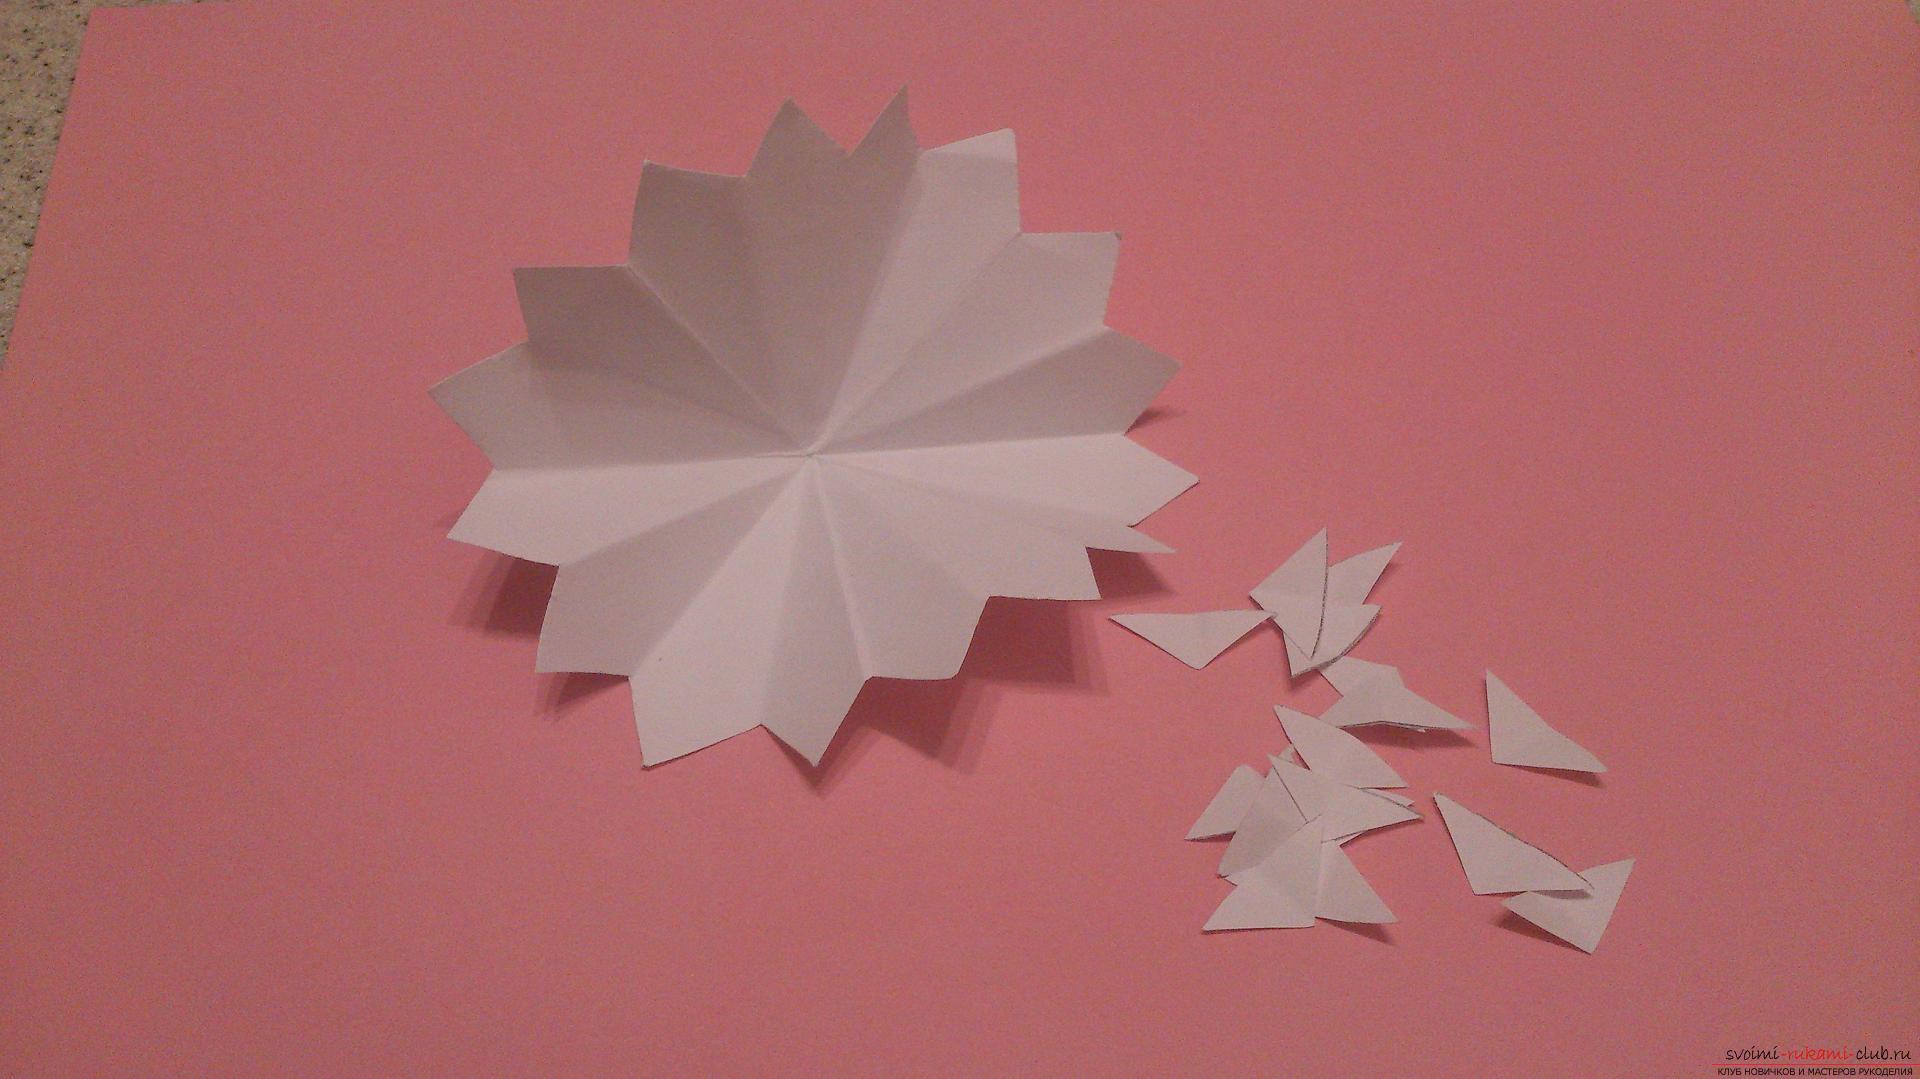 Поделки в технике бумагопластики очень разнообразны, предлагаем сделать картину из цветов, а цветы из бумаги изготовим своими руками.. Фото №4